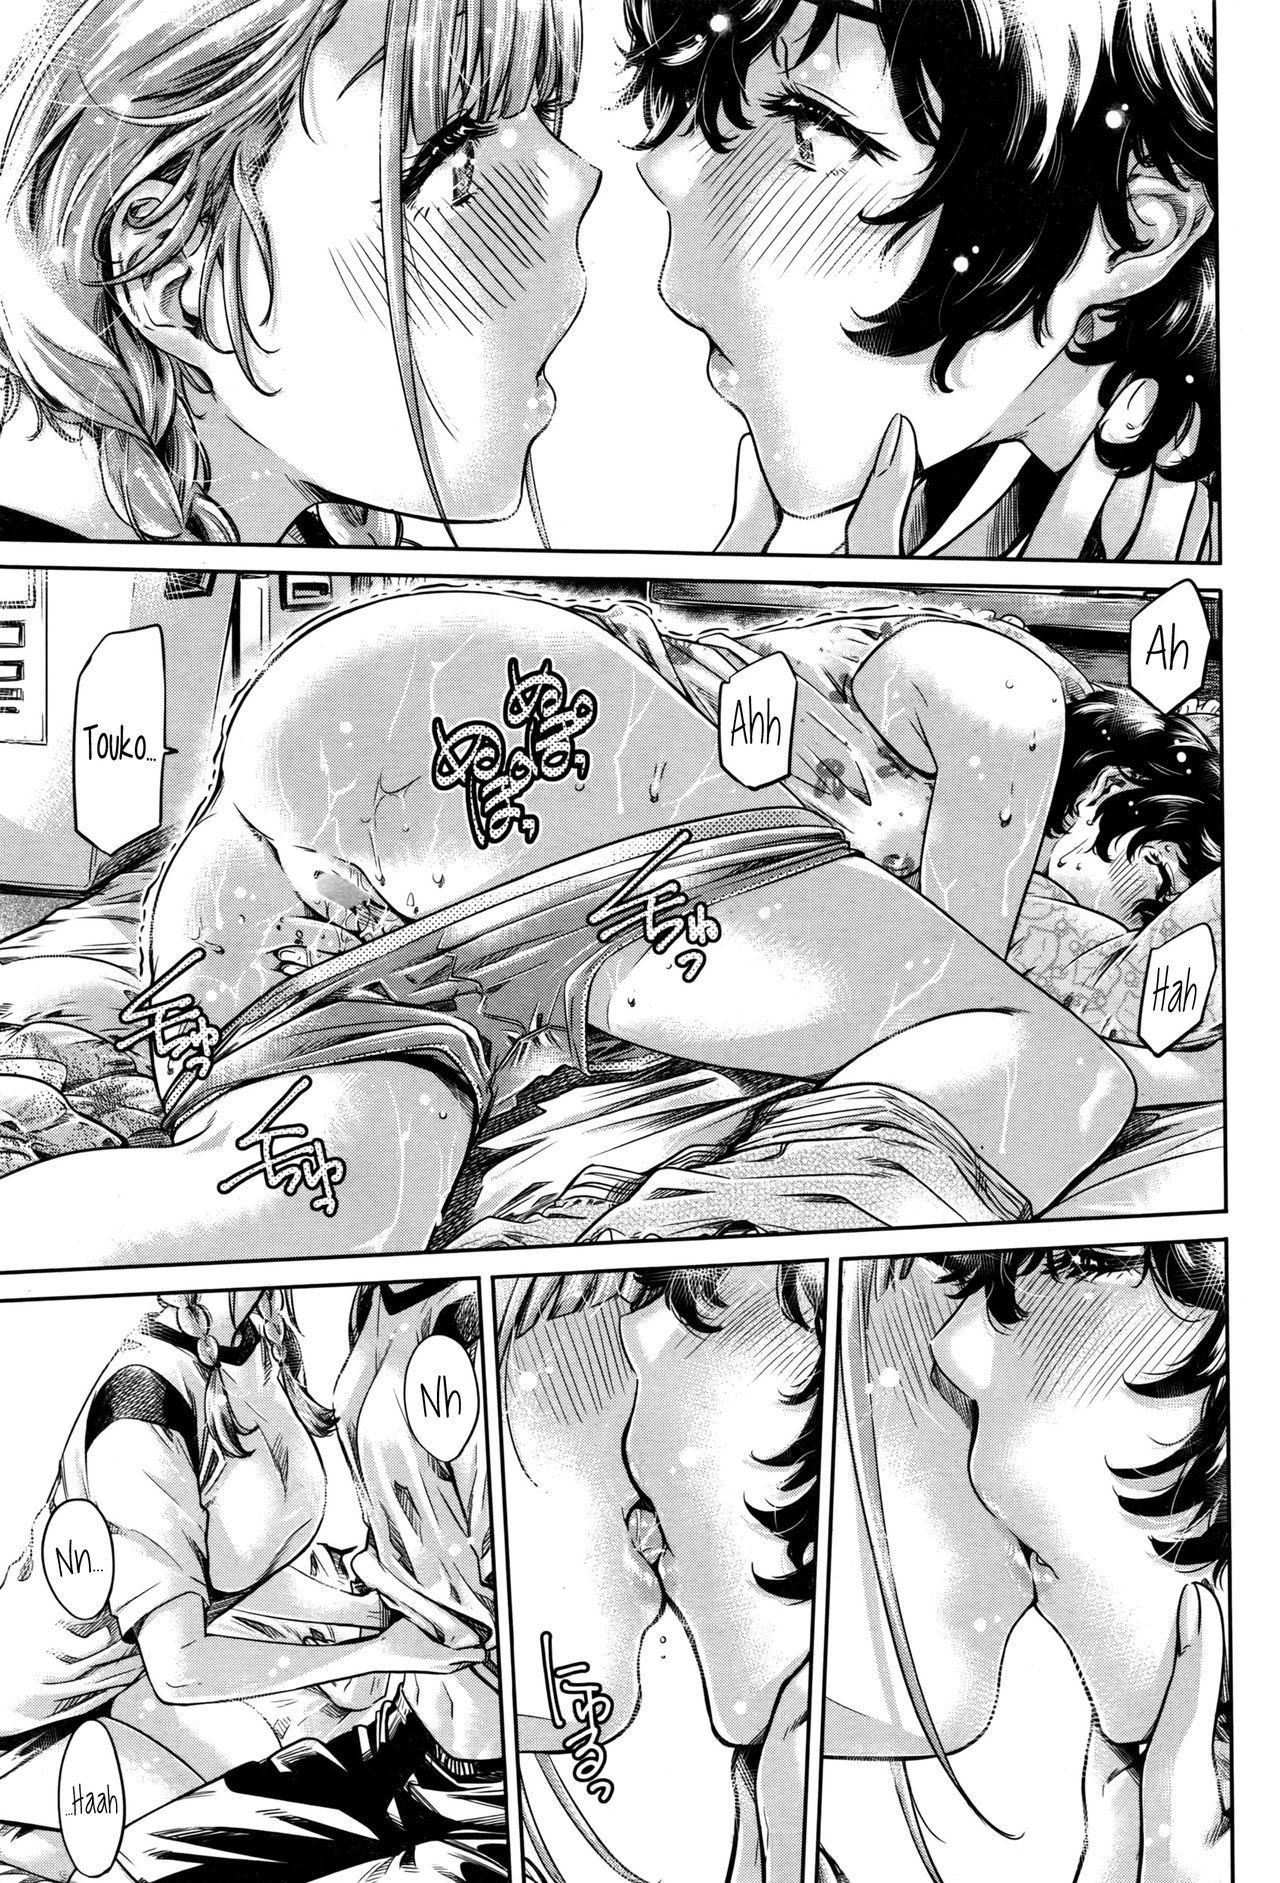 Ojou-sama no Kuchizuke de Shoujo wa Me o Samasu | The Girl Awakens With a Kiss From the Princess 8